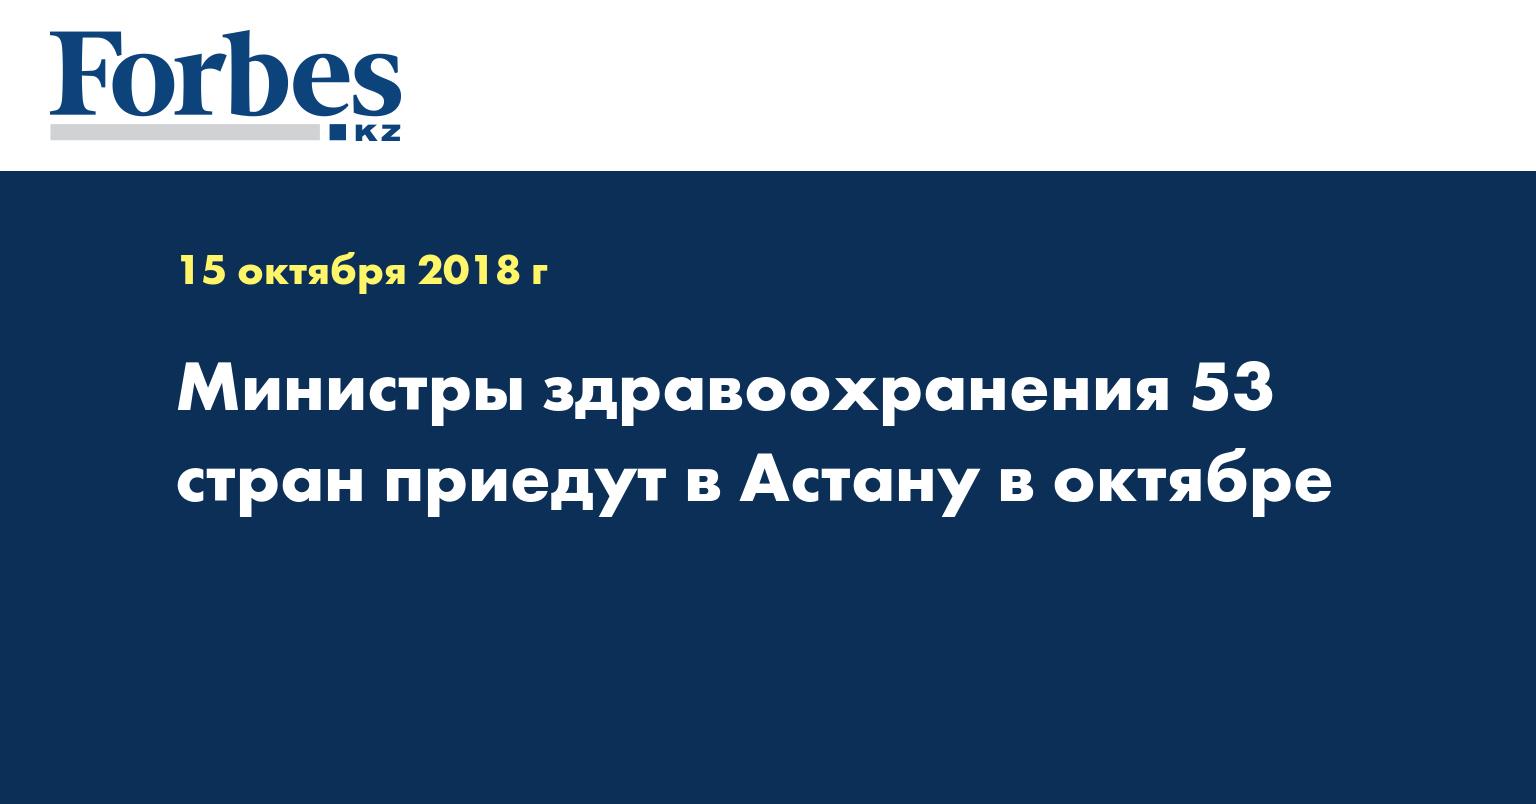 Министры здравоохранения 53 стран приедут в Астану в октябре